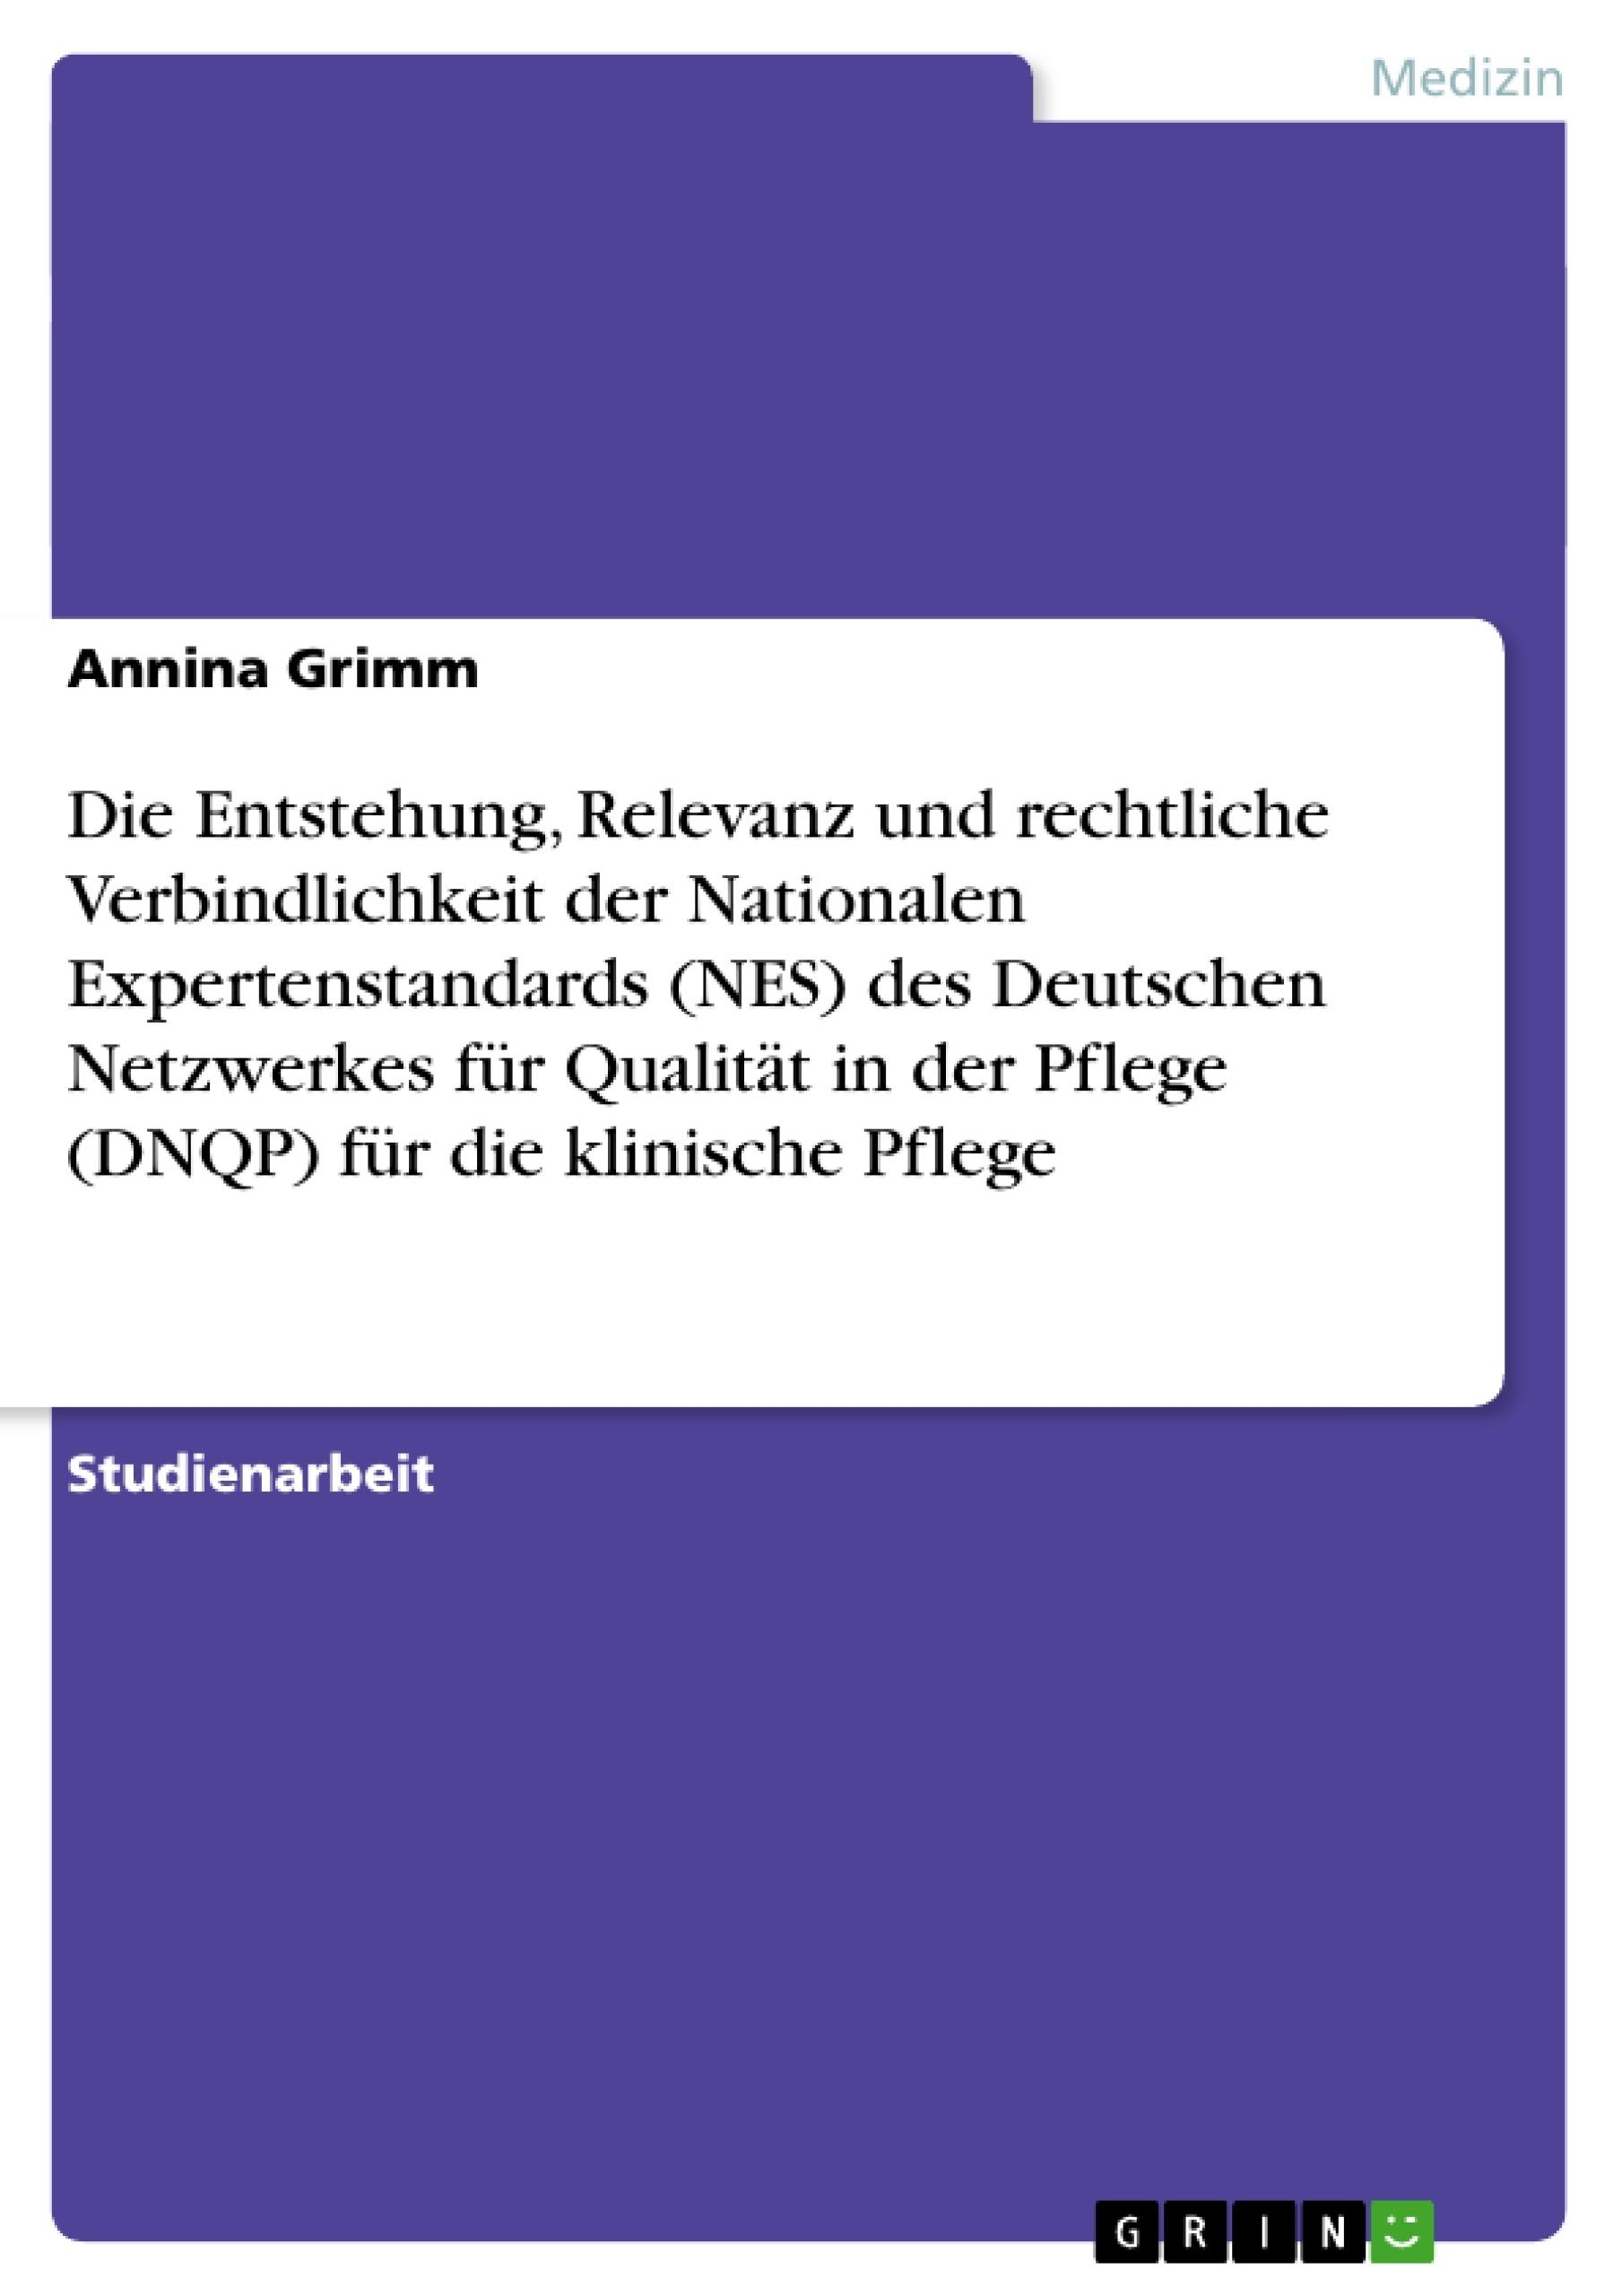 Titel: Die Entstehung, Relevanz und rechtliche Verbindlichkeit der Nationalen Expertenstandards (NES) des Deutschen Netzwerkes für Qualität in der Pflege (DNQP) für die klinische Pflege